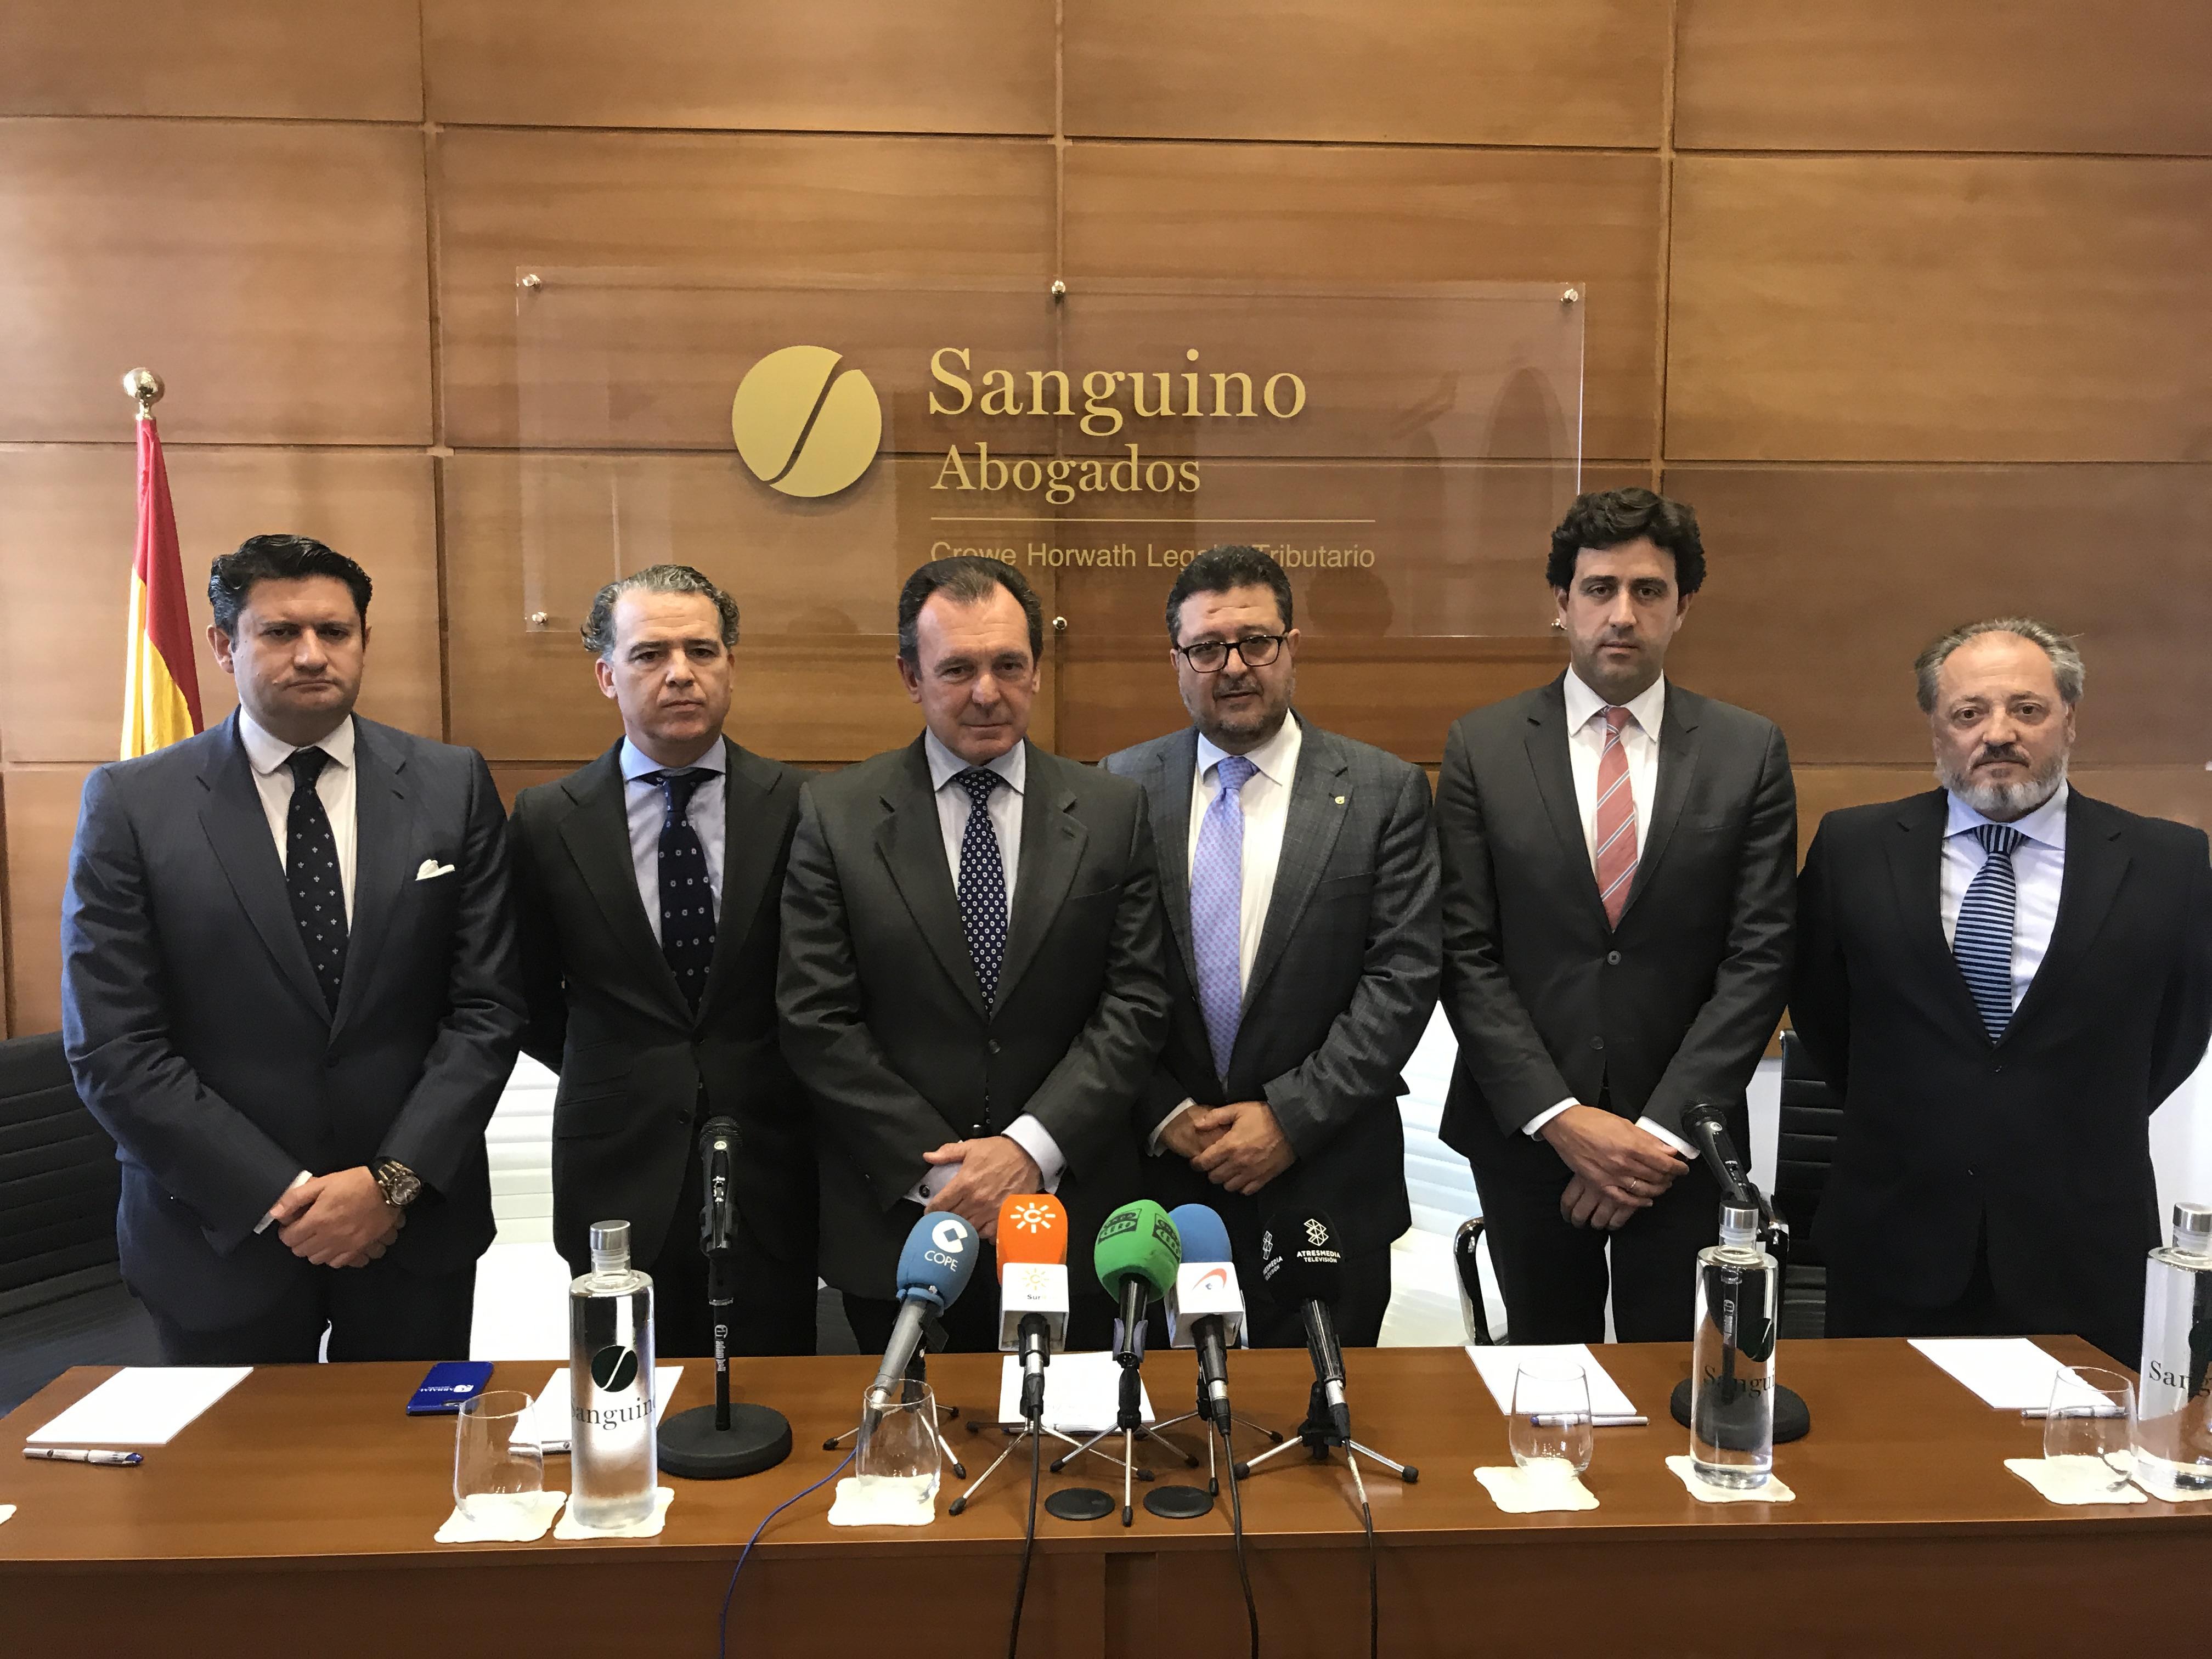 Sanguino Abogados defenderá gratuitamente a los afectados por los incidentes de la 'Madrugá'